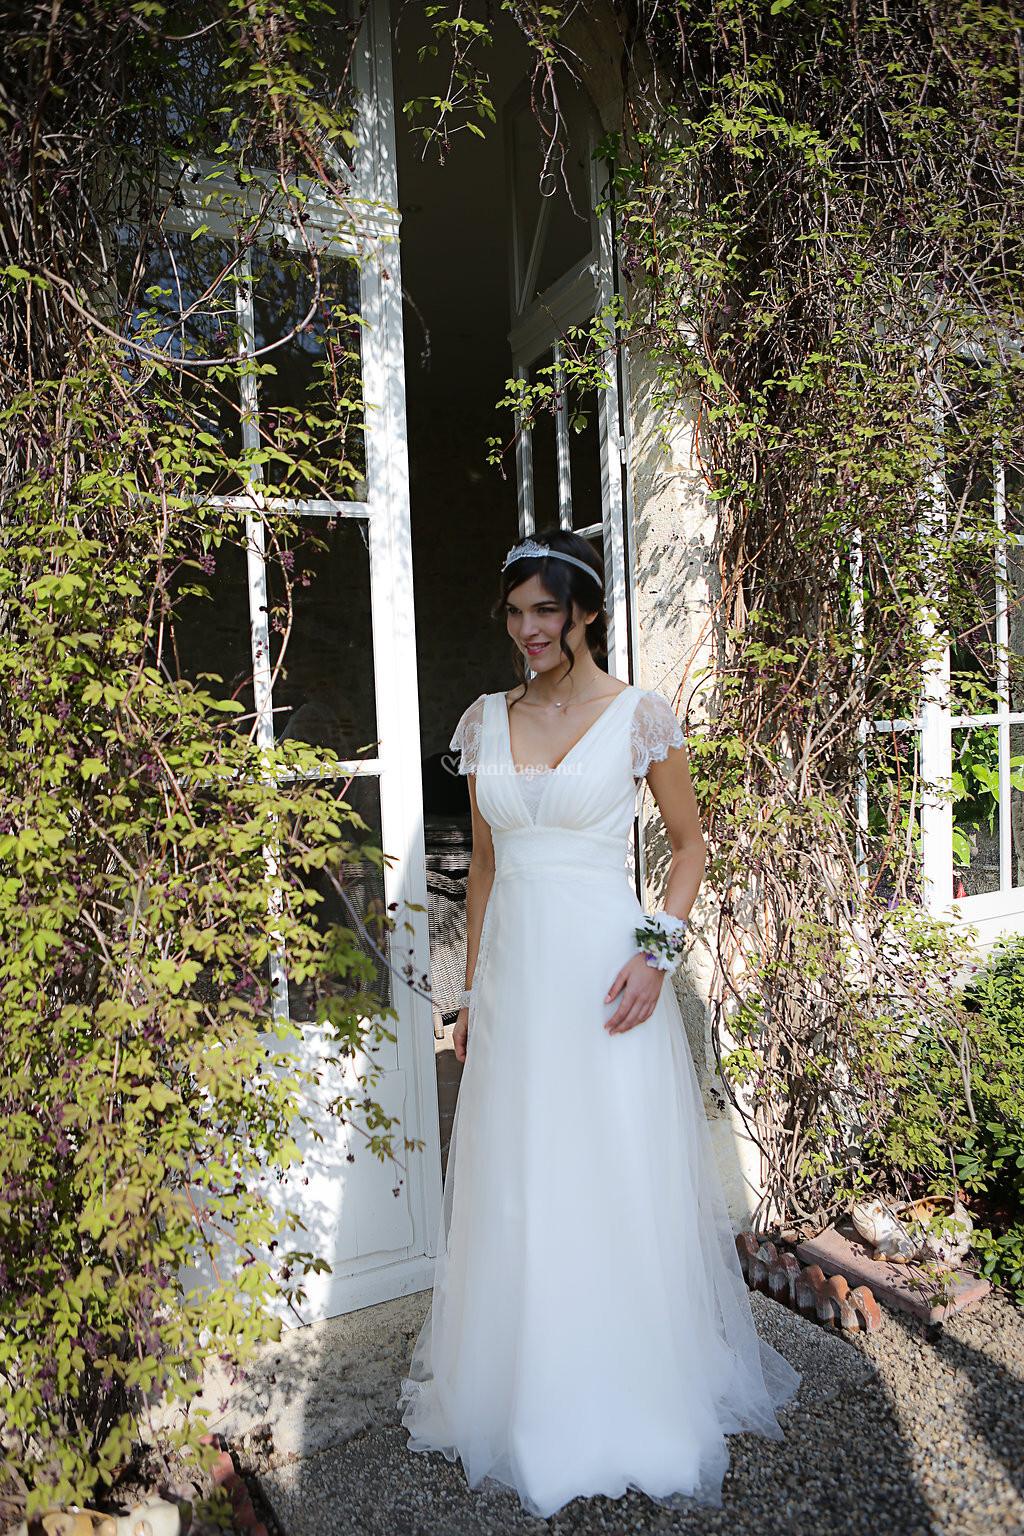 Robes de mariée de Elsa Gary - Moi La Princesse Moderne 2018 - Mariages.net